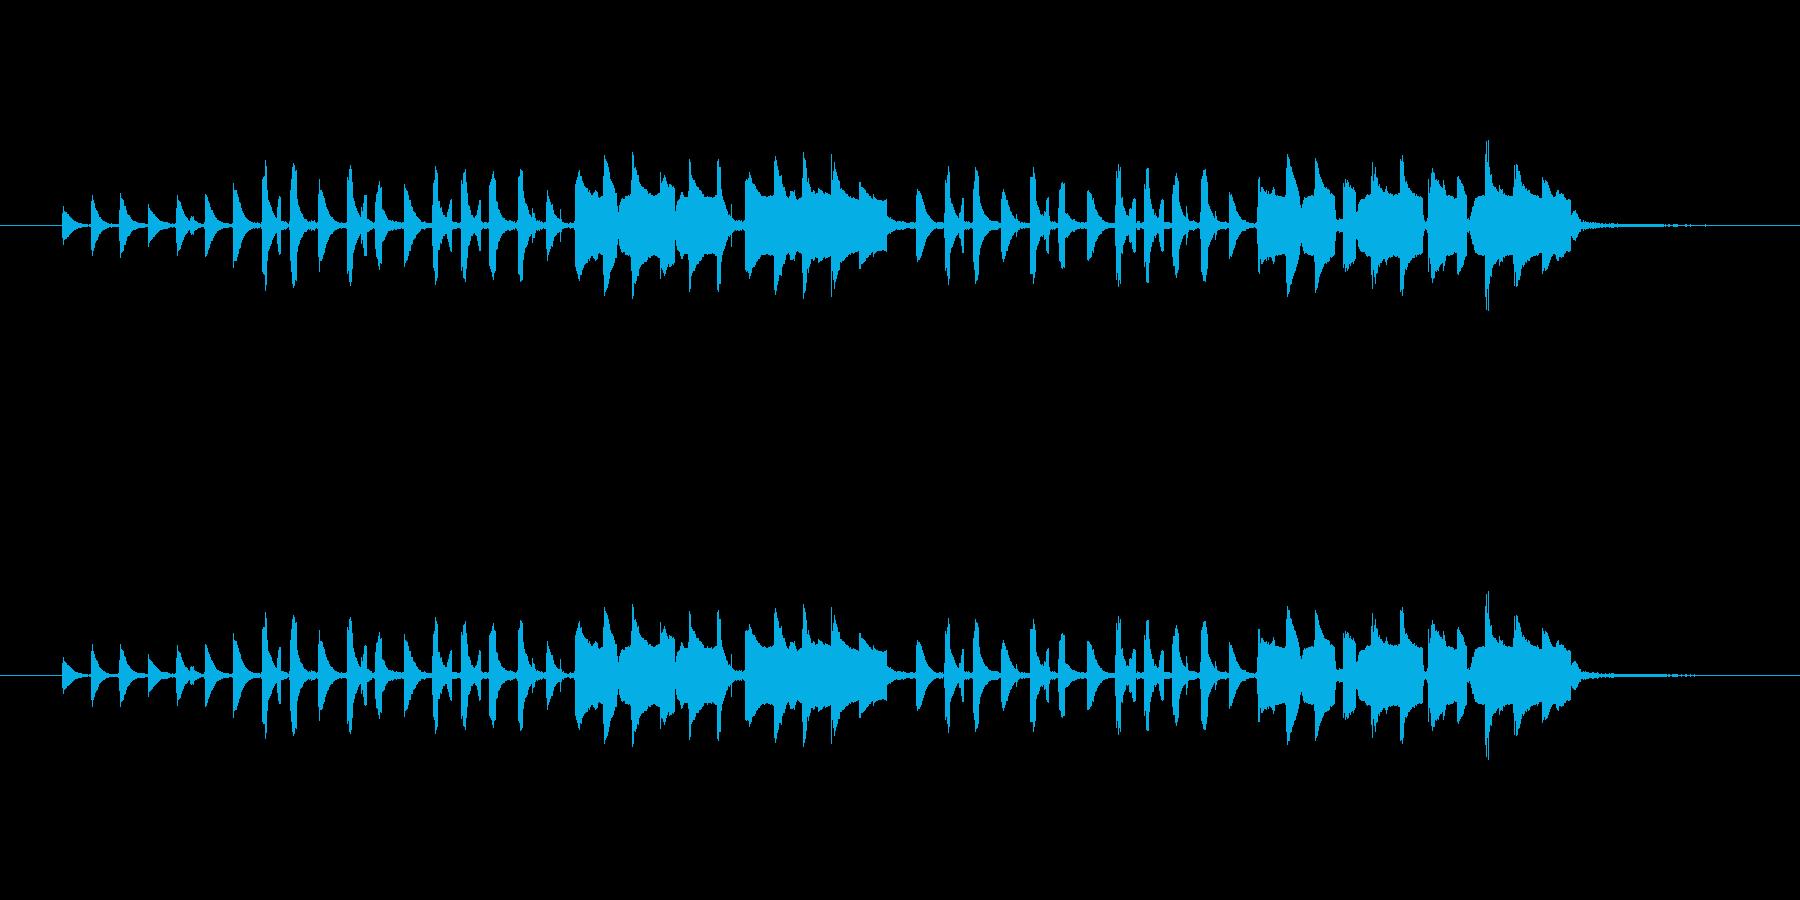 小物楽器使用 (クラベス・カスタネット…の再生済みの波形